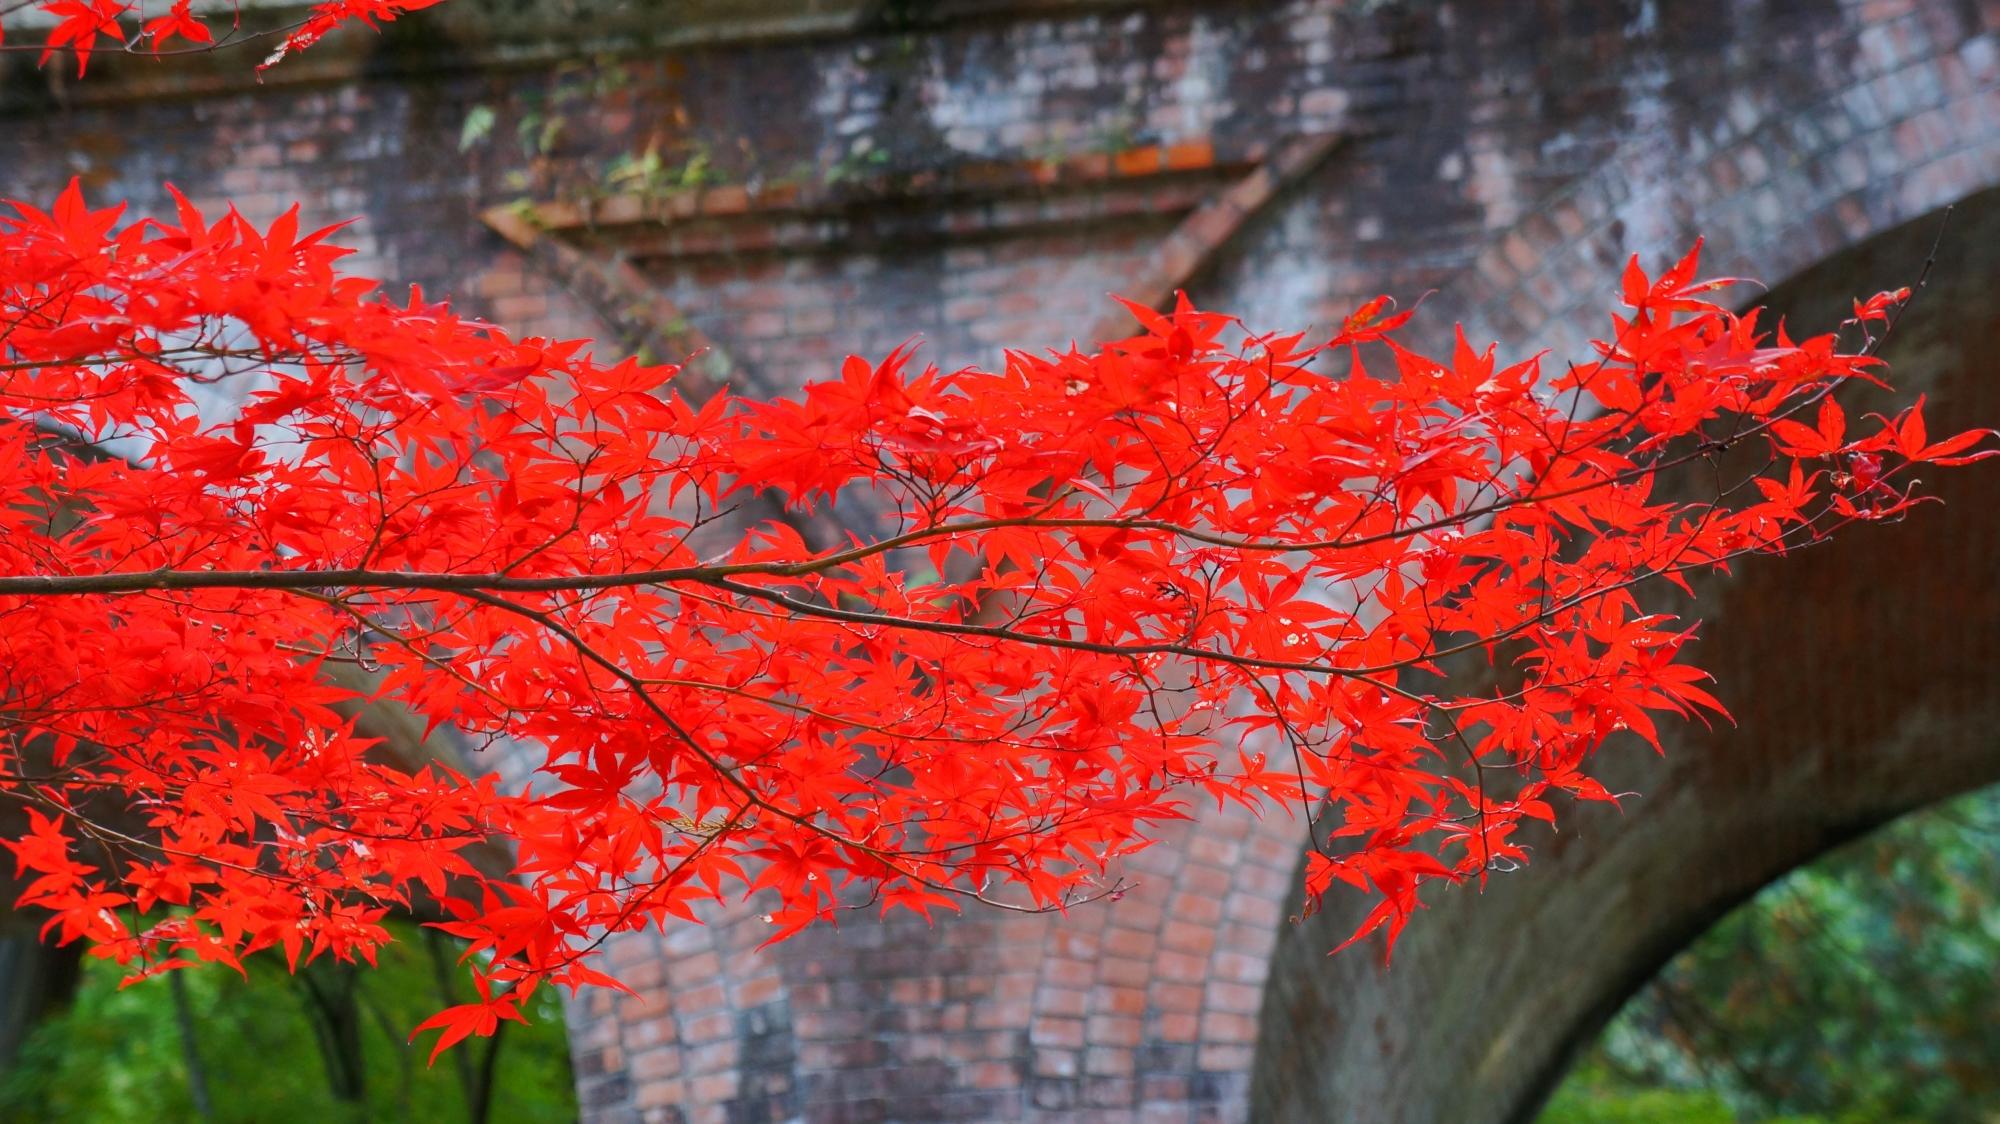 レンガ造りの上で浮かび上がりそうな色合いの赤い紅葉